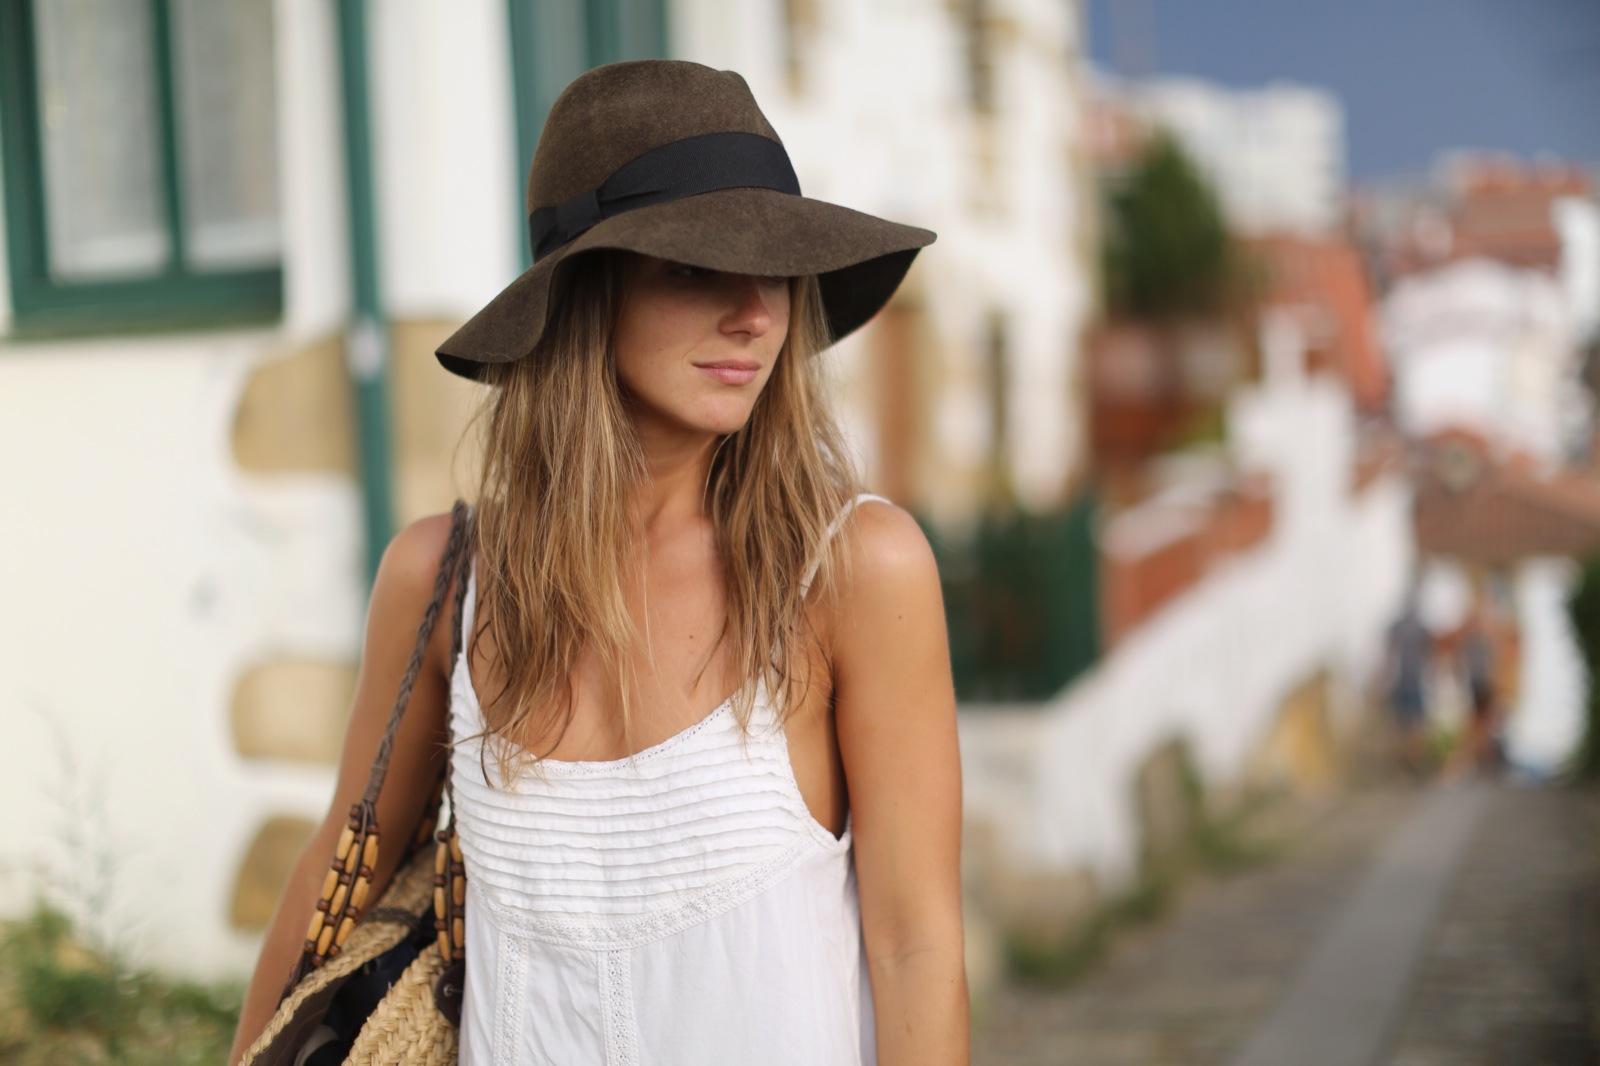 Clochet_suiteblanco_white_boho_dress_zara_fedora_hat_straw_basket_10